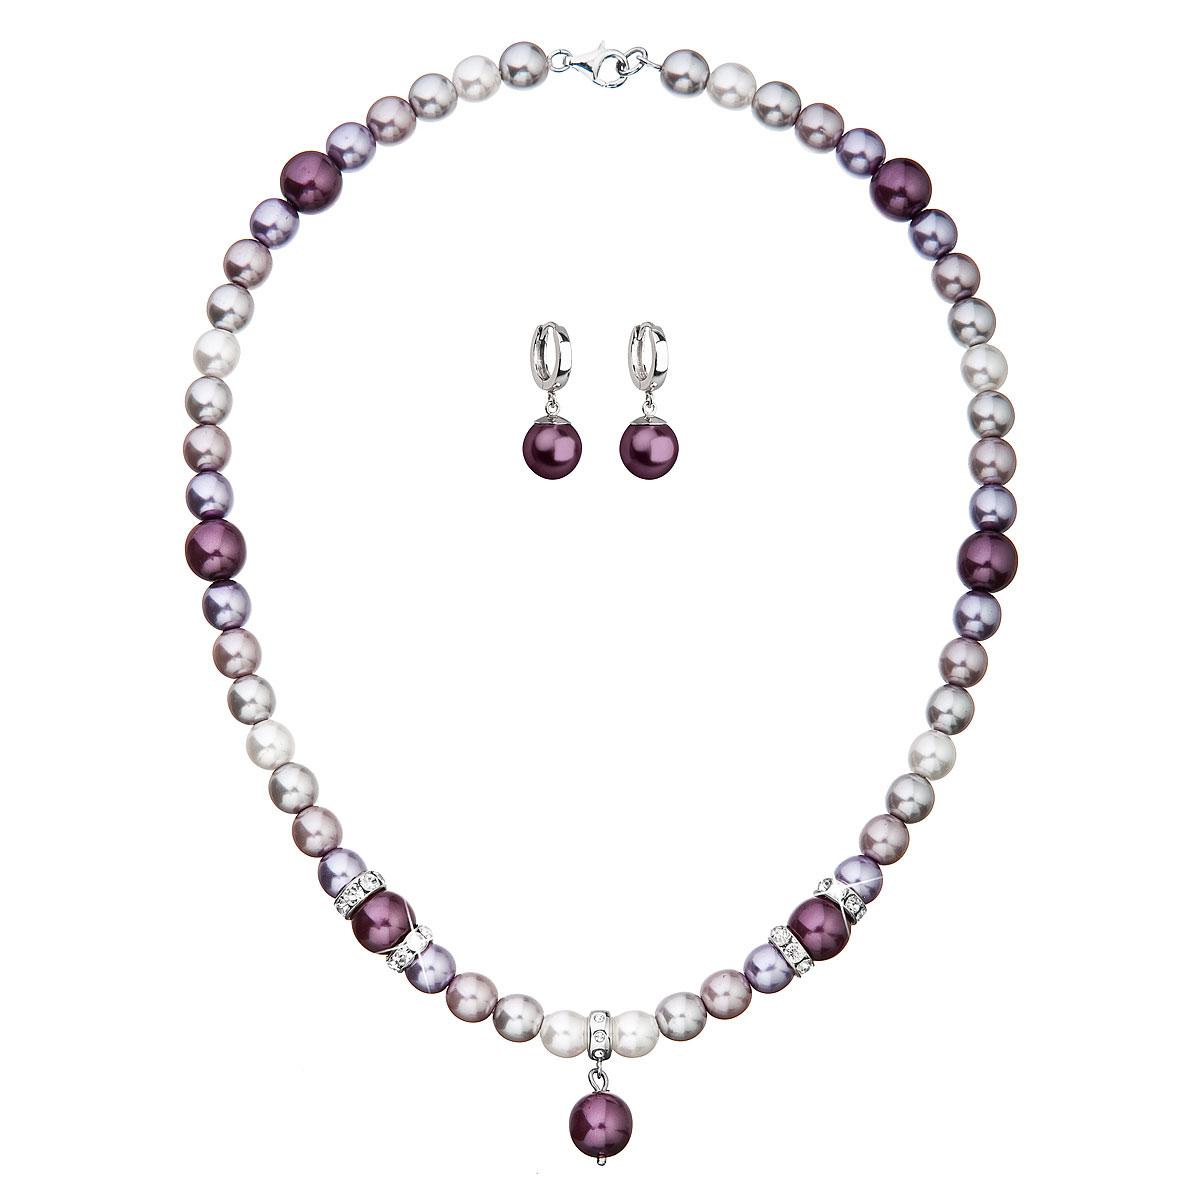 Evolution Group Sada šperků s krystaly Swarovski a perlami náušnice a přívěsek fialové kulaté 39153.3, dárkové balení